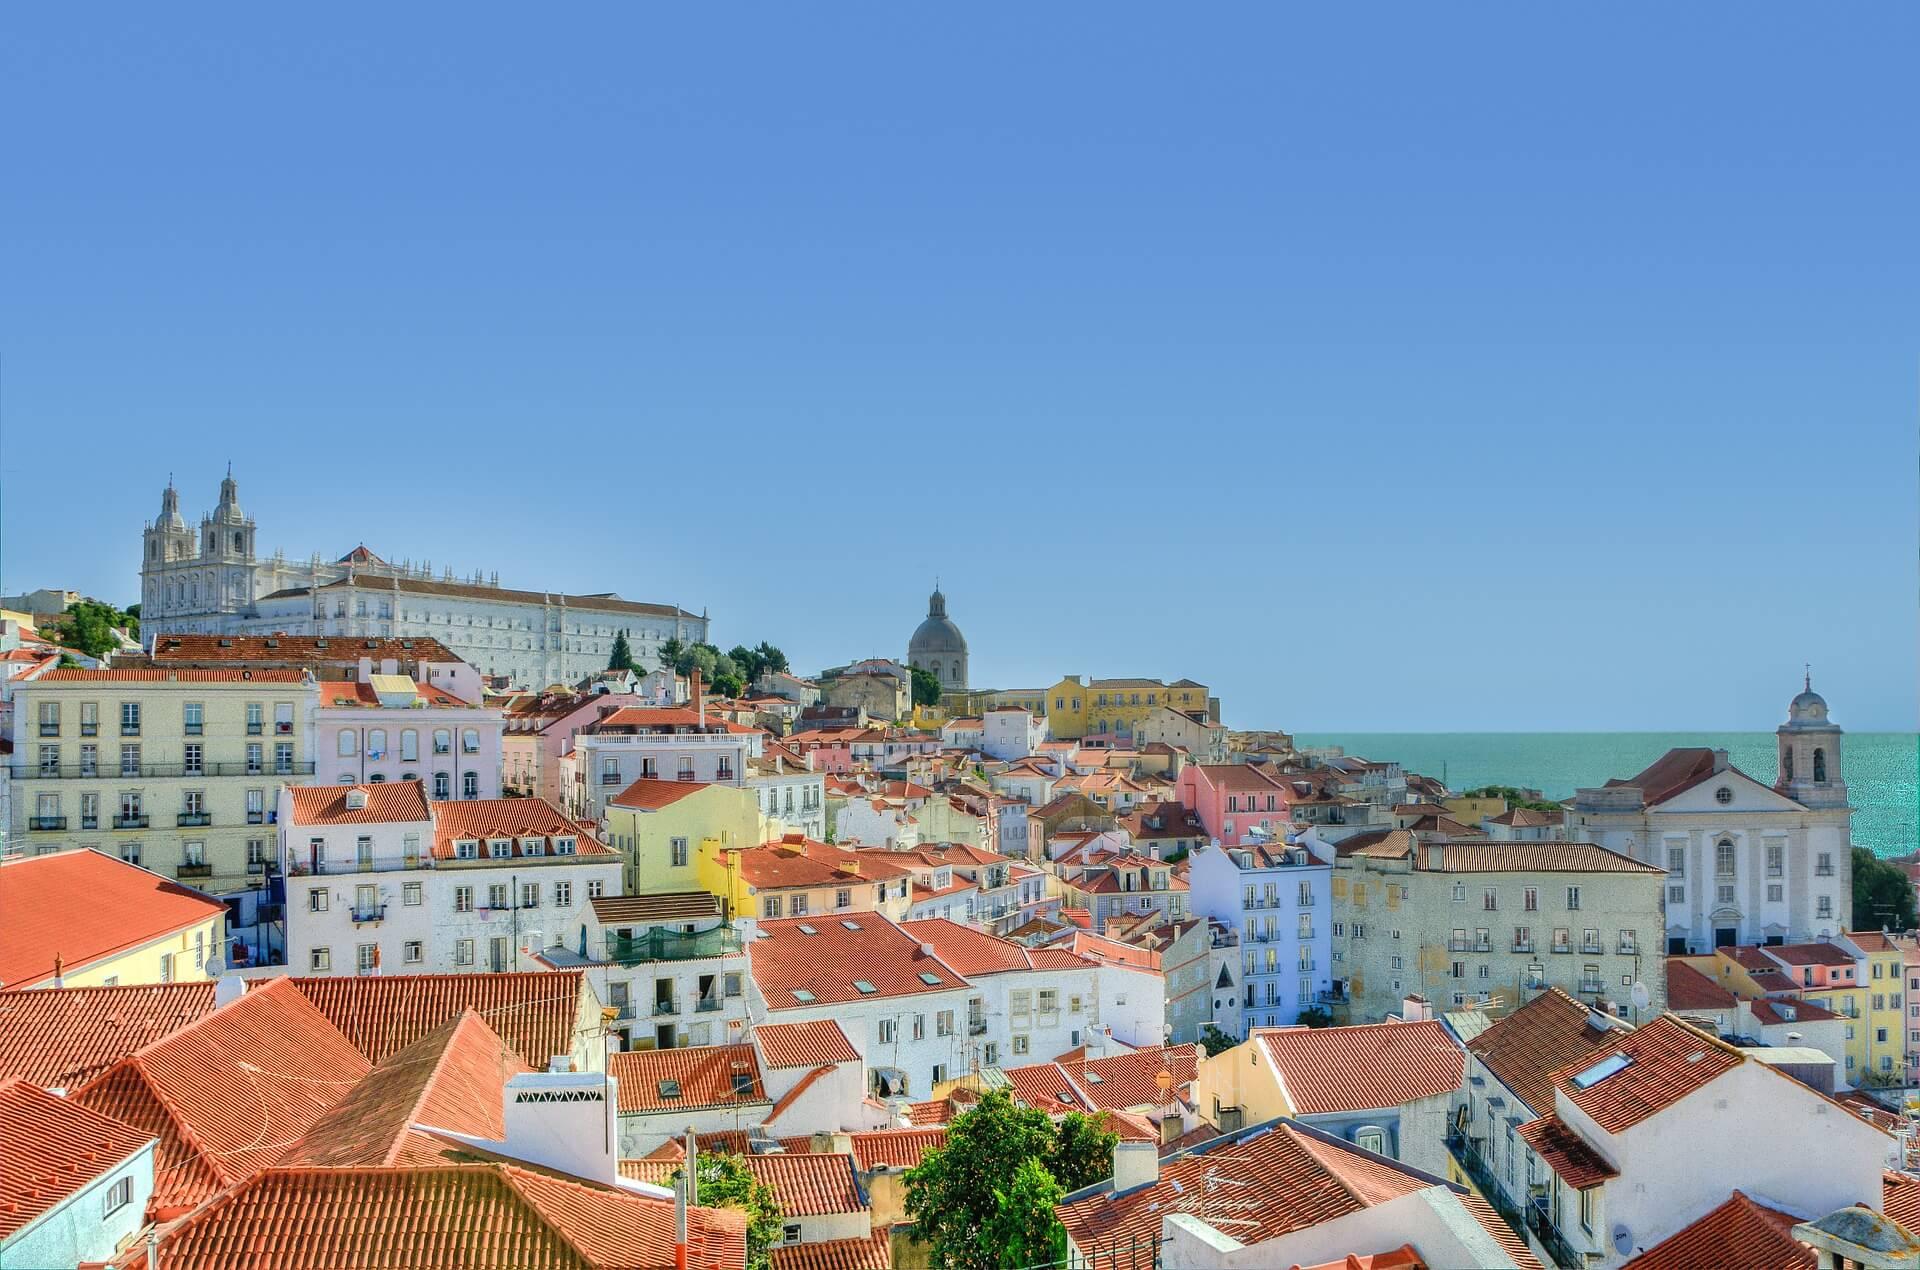 Direktflüge und Billigflüge ab Frankfurt nach Lissabon